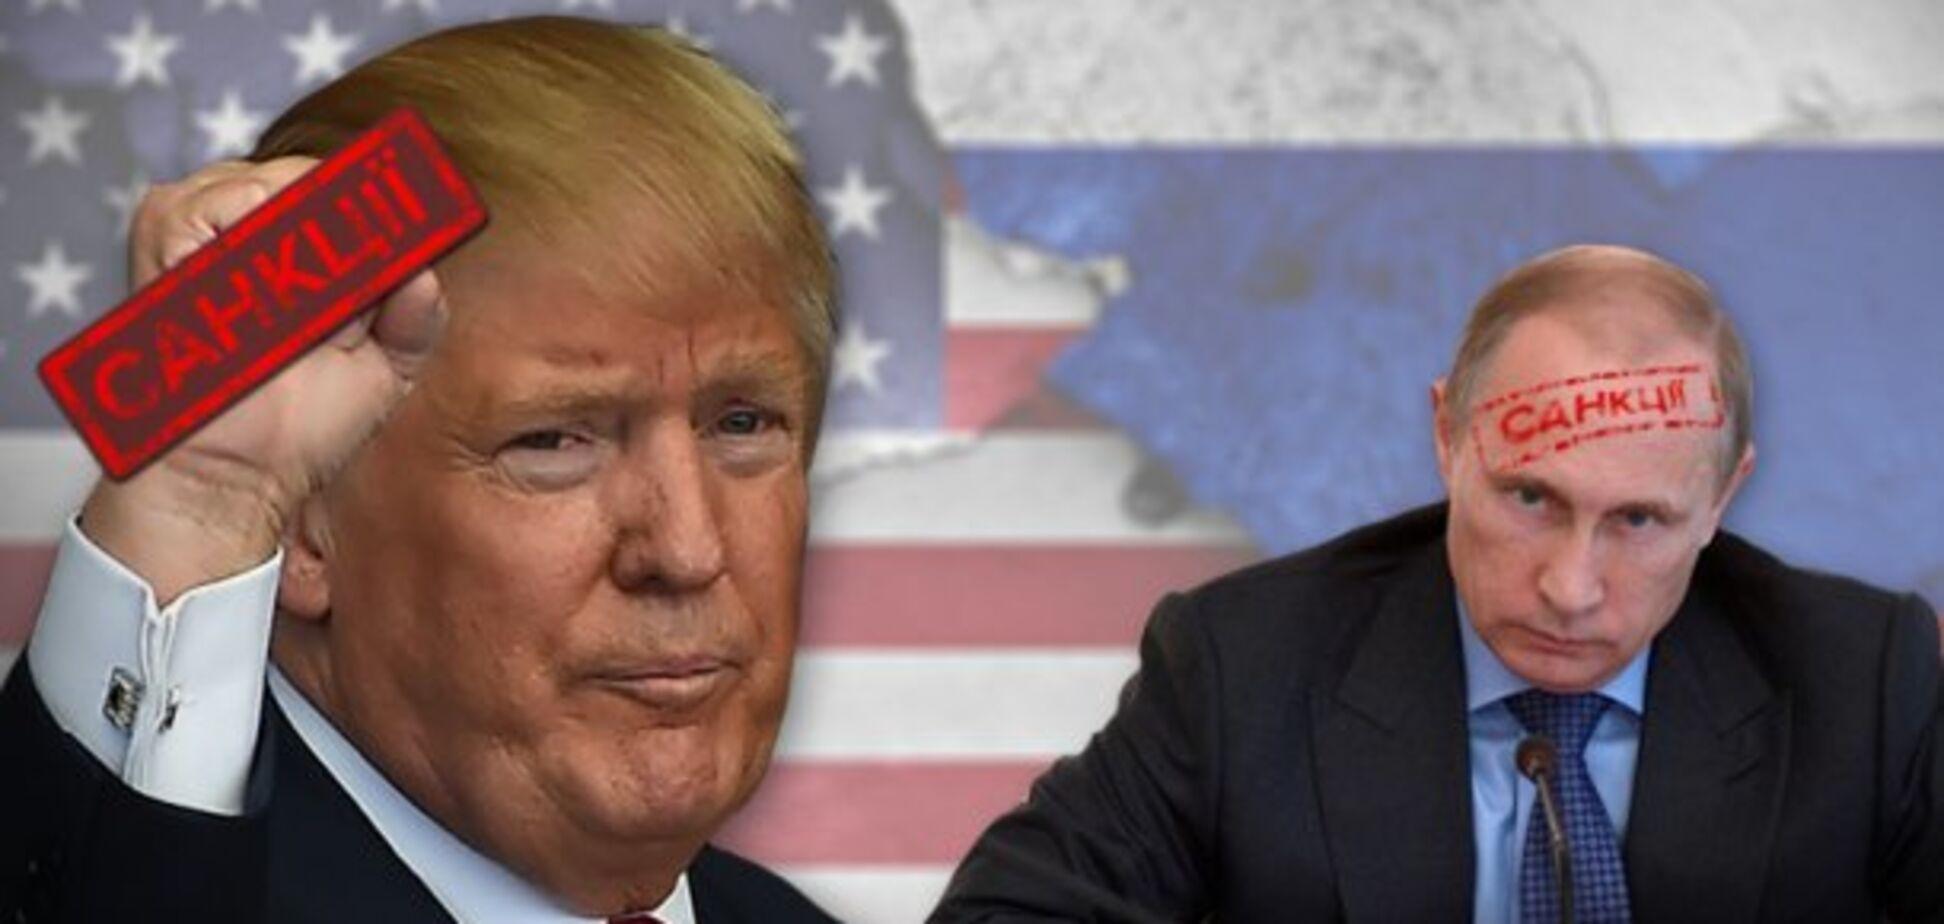 Путин, приготовься! Адские санкции США ударят по России с новой силой